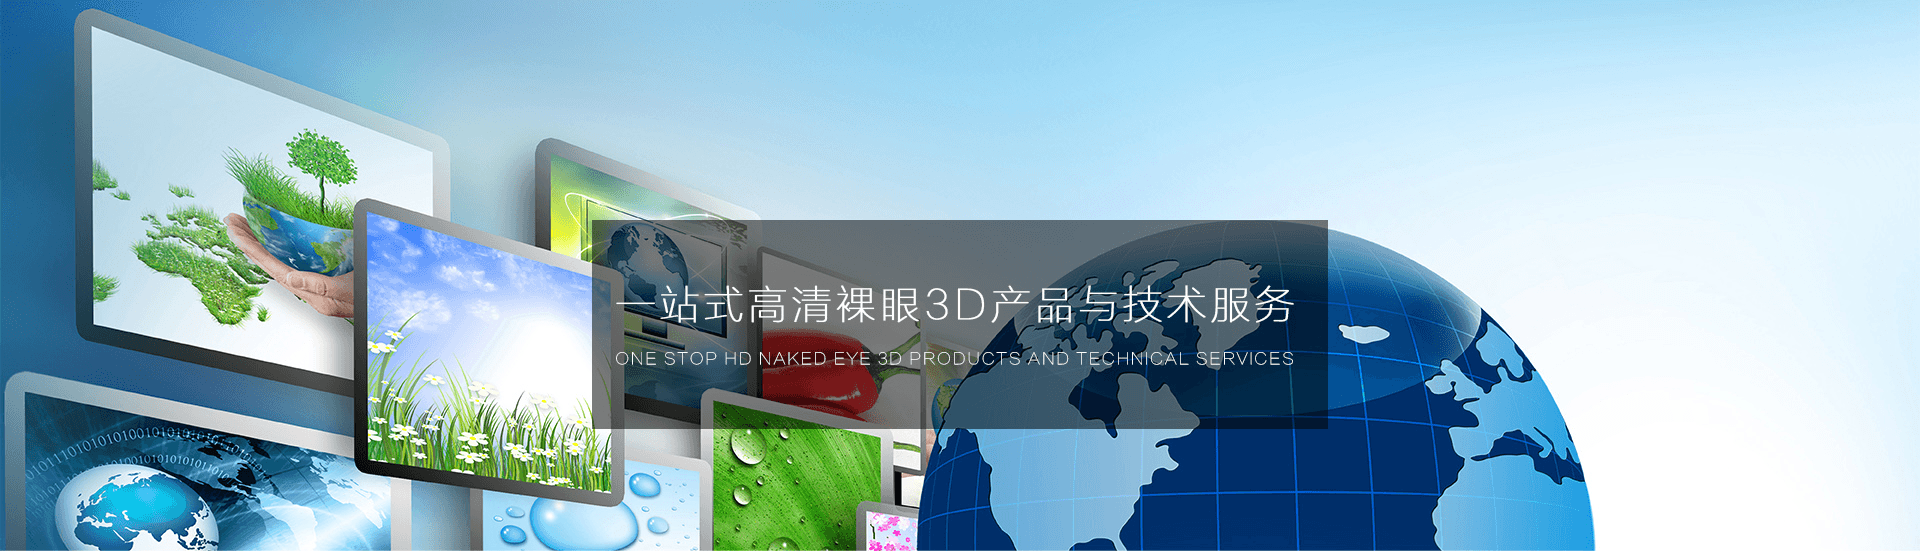 """立图谷""""沃3D肖像""""一站式高清裸眼3D产品与技术服务"""